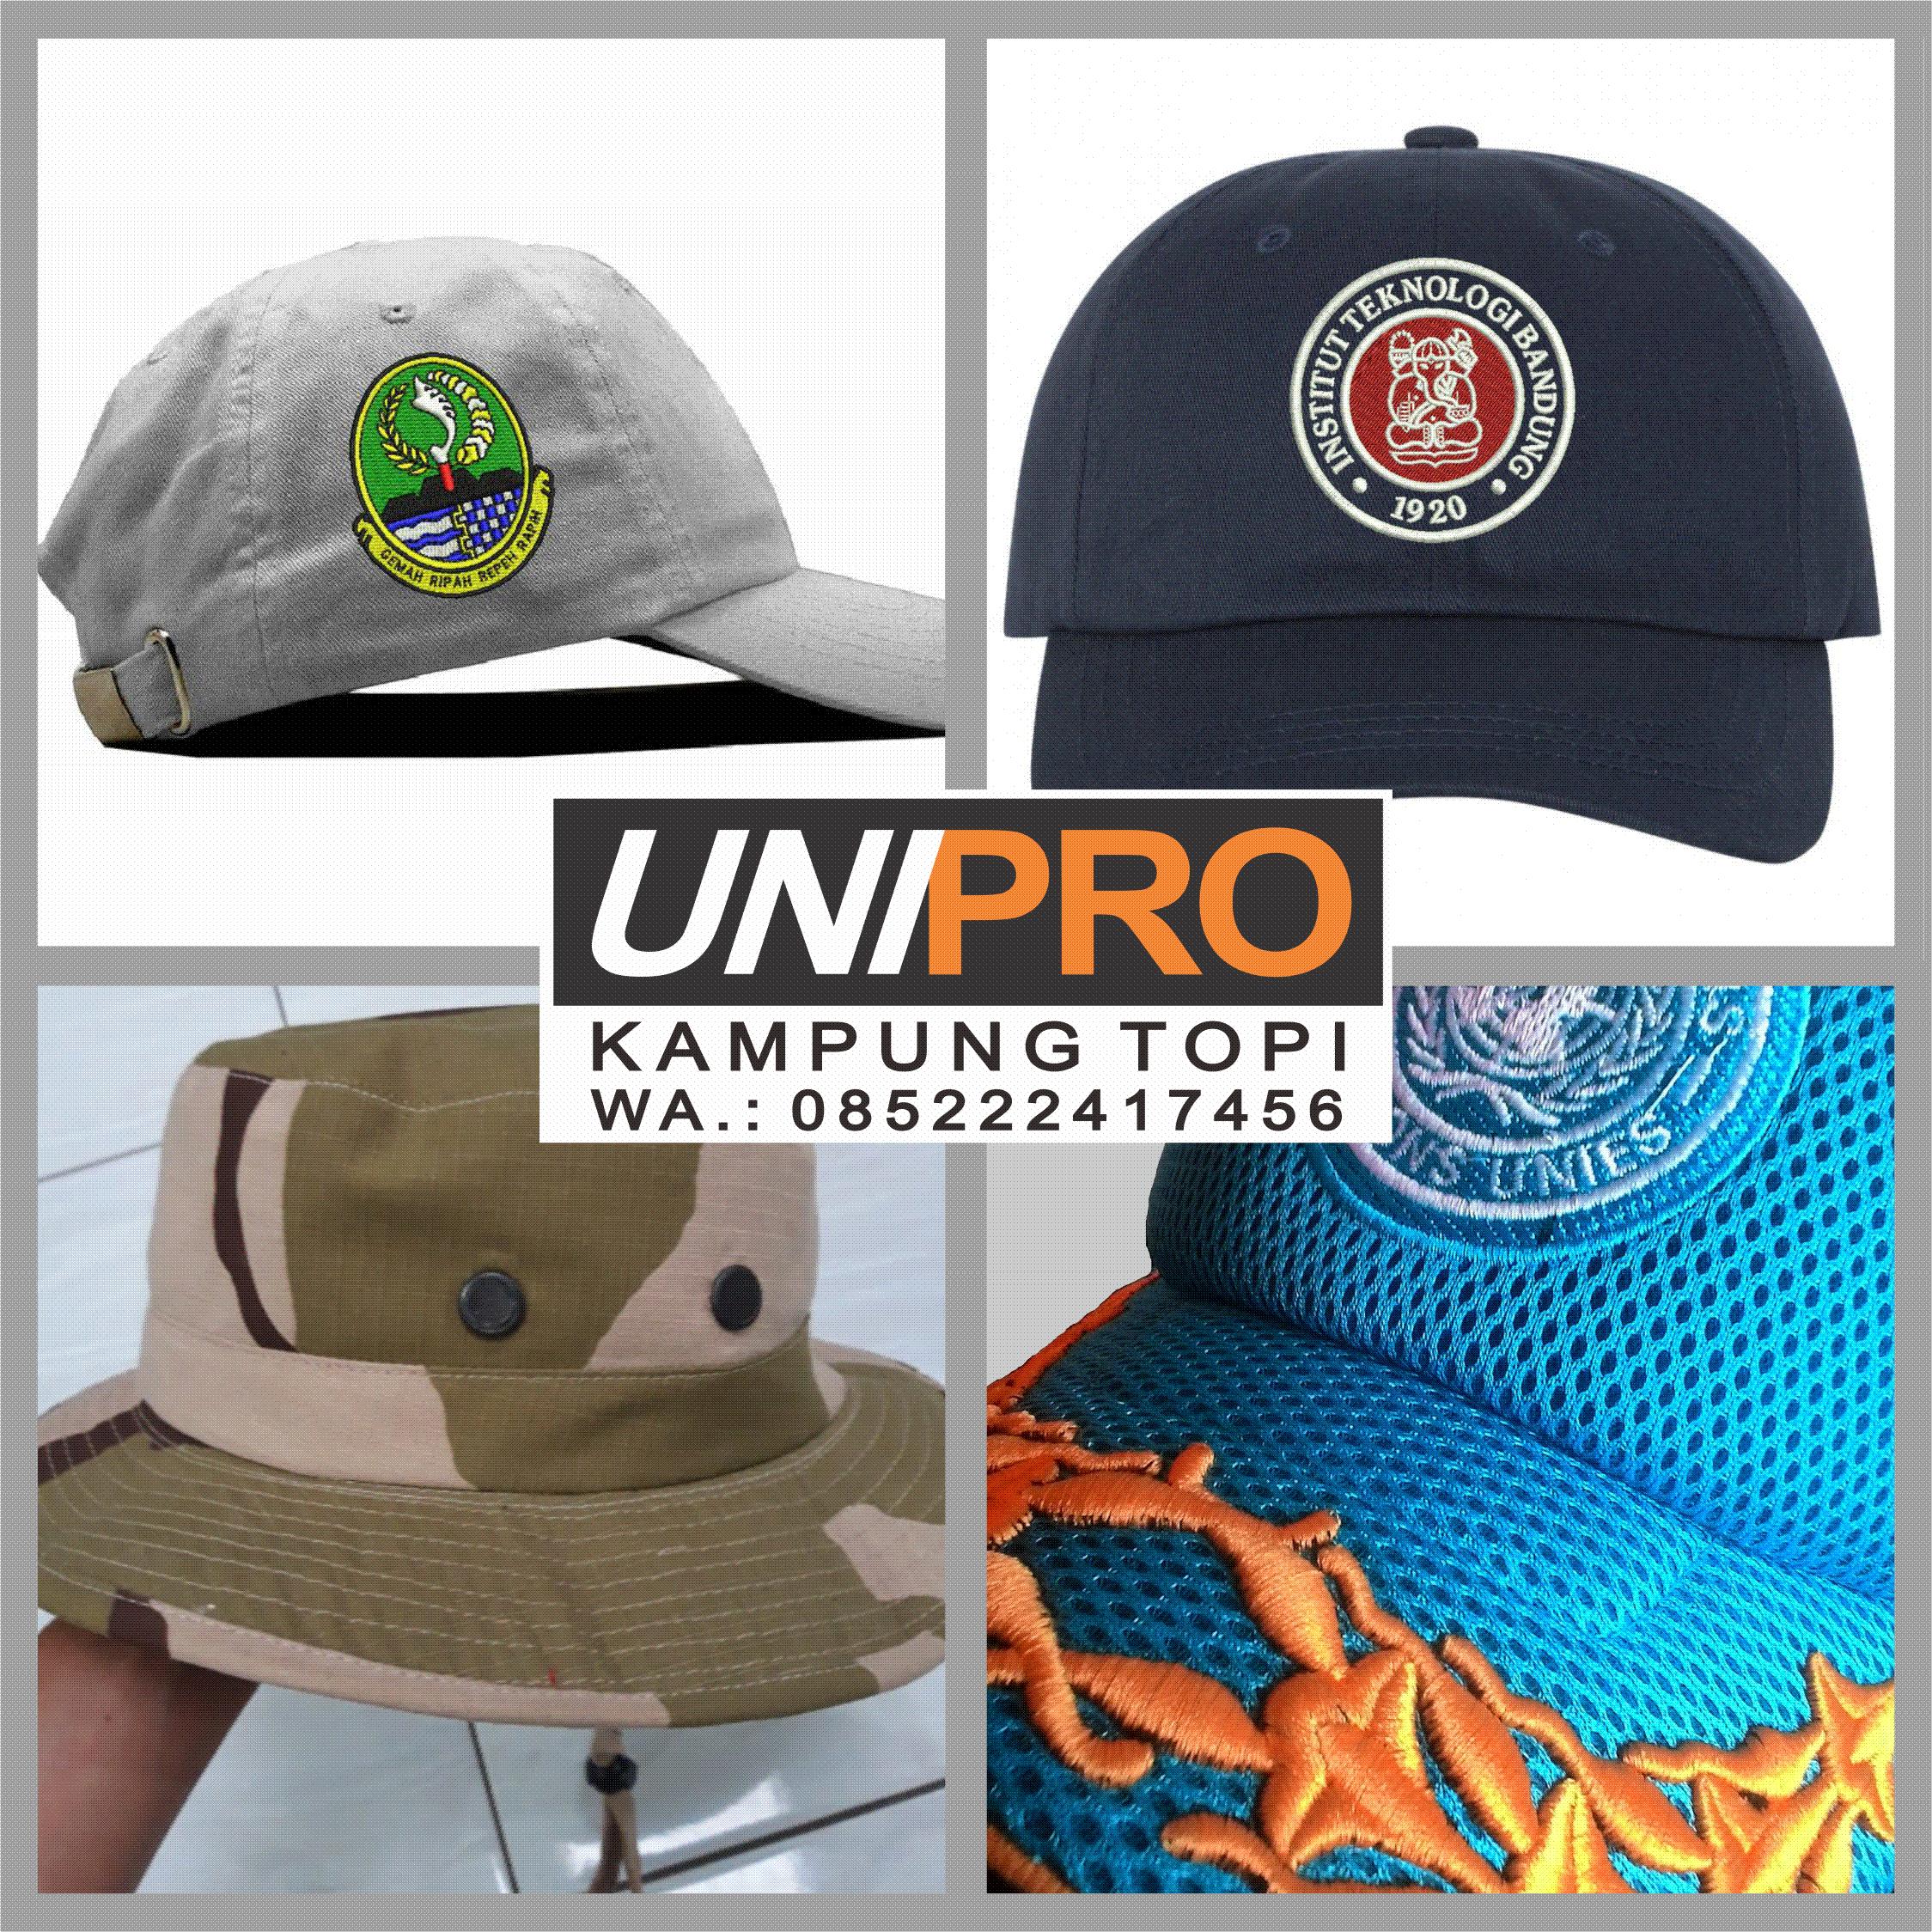 Terima Pesanan Topi Bandung Konveksi Topi / Produksi Topi Bandung / Bordir 3d